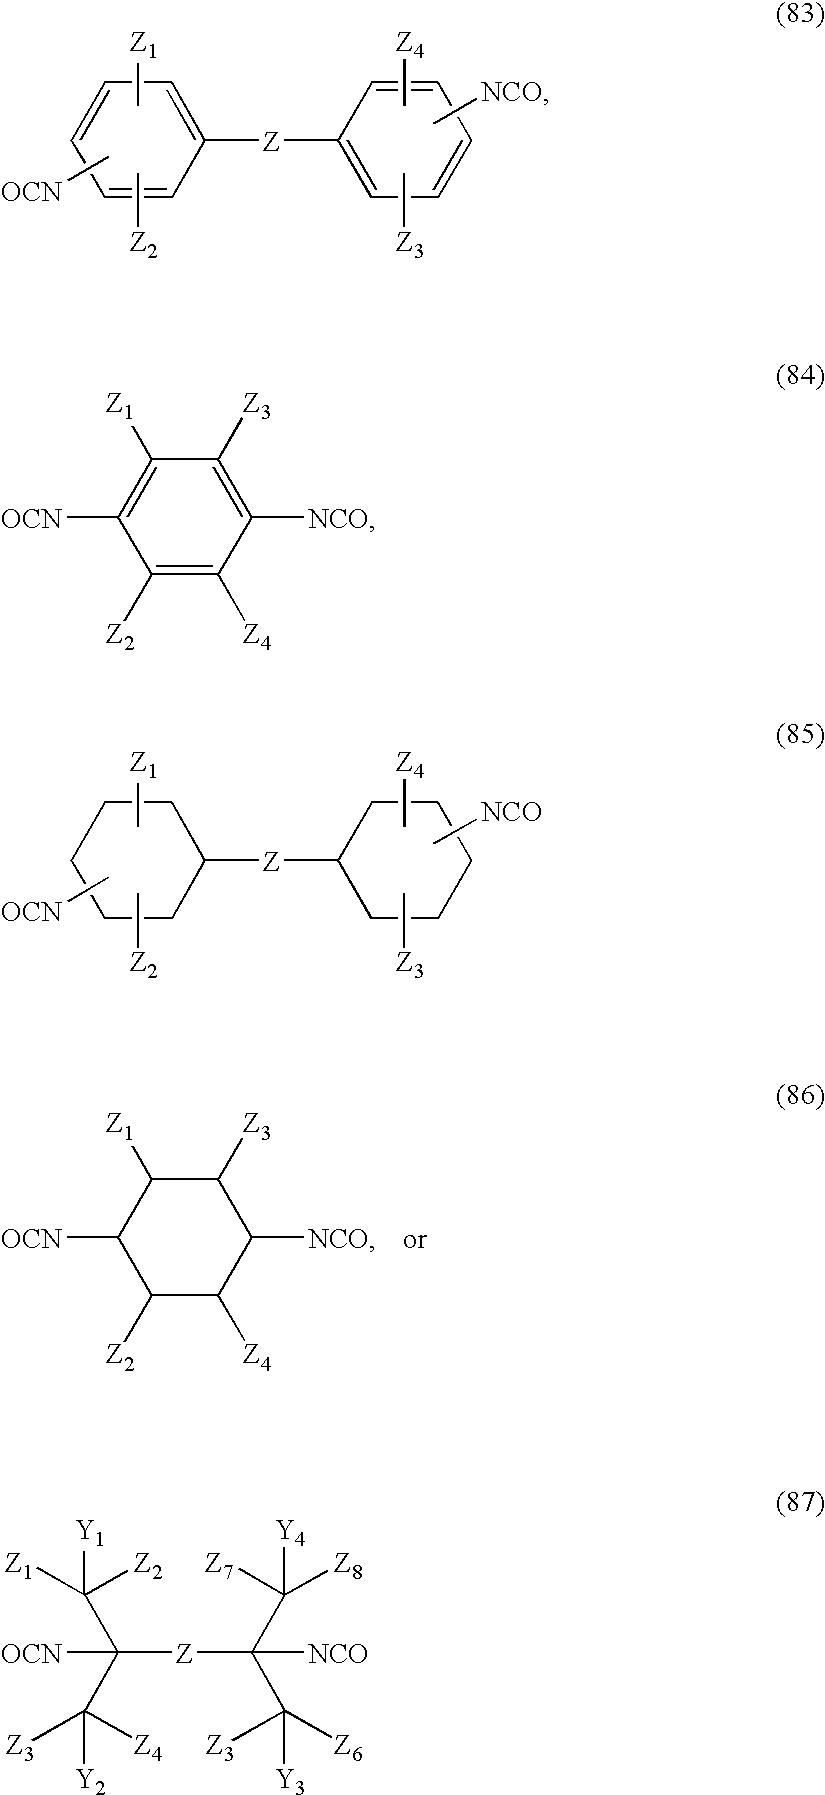 Figure US20050272529A1-20051208-C00056